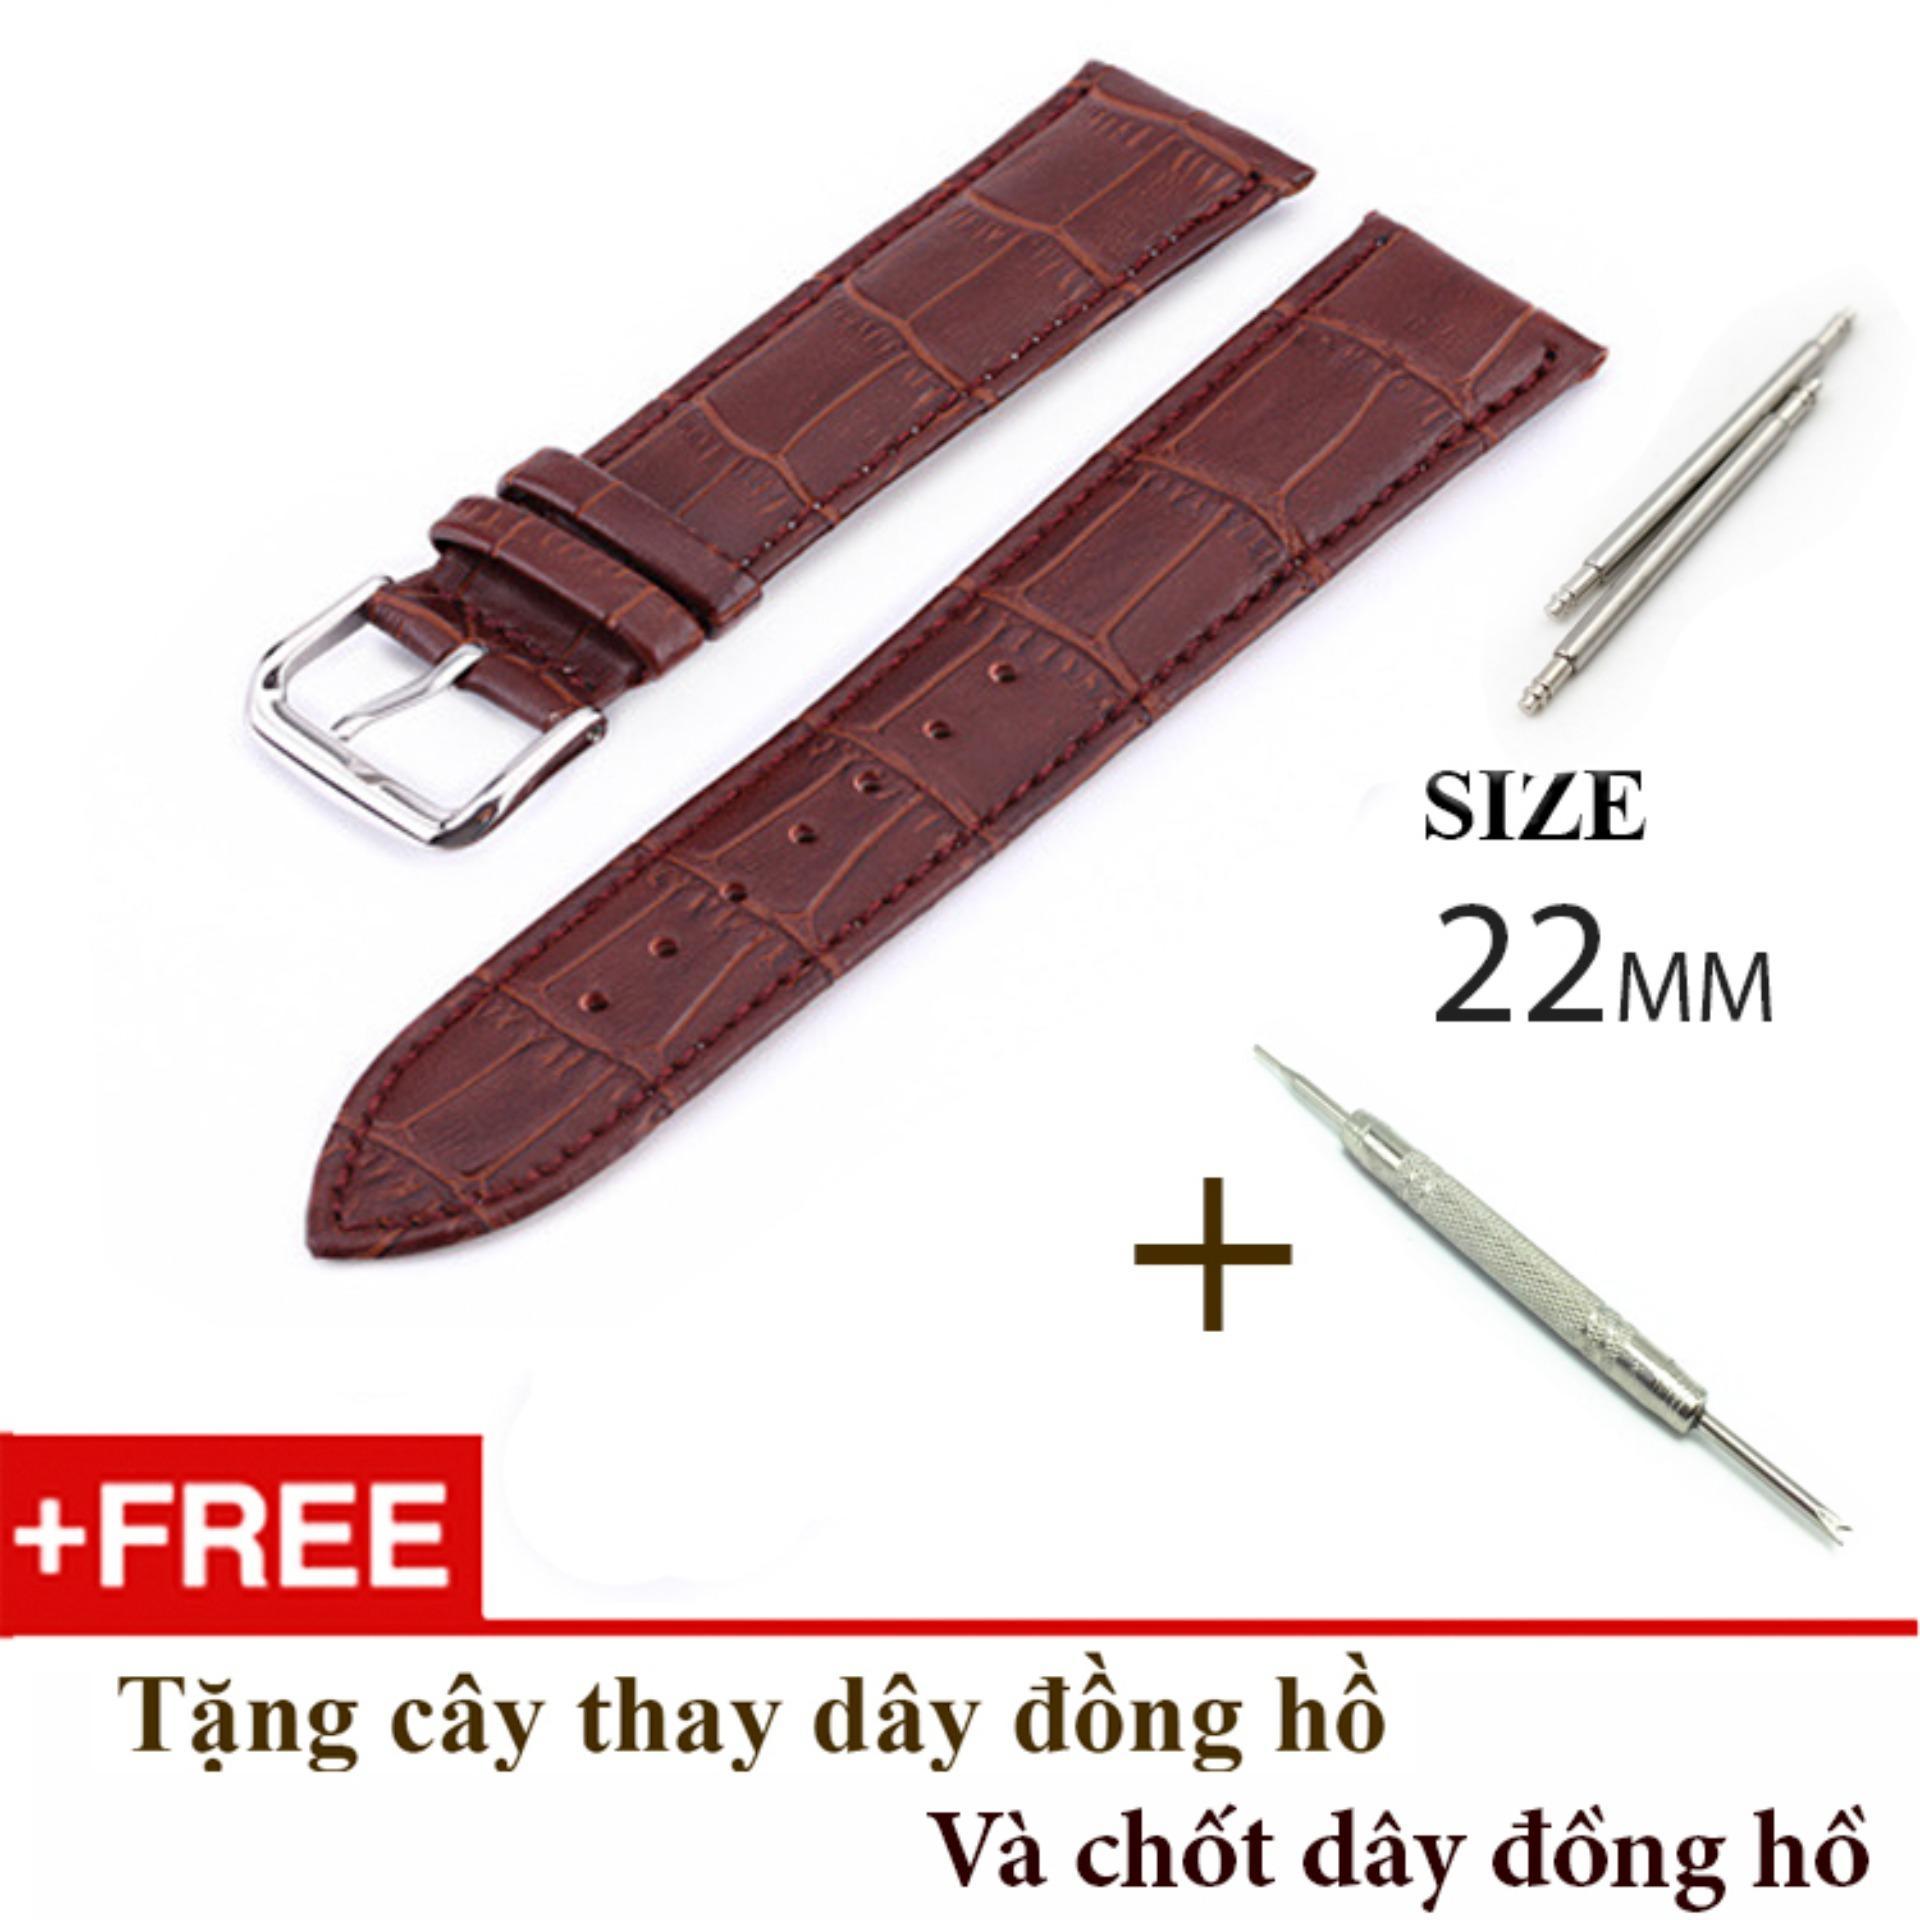 Nơi bán Dây đồng hồ da cao cấp SIZE 22mm (nâu-B802)